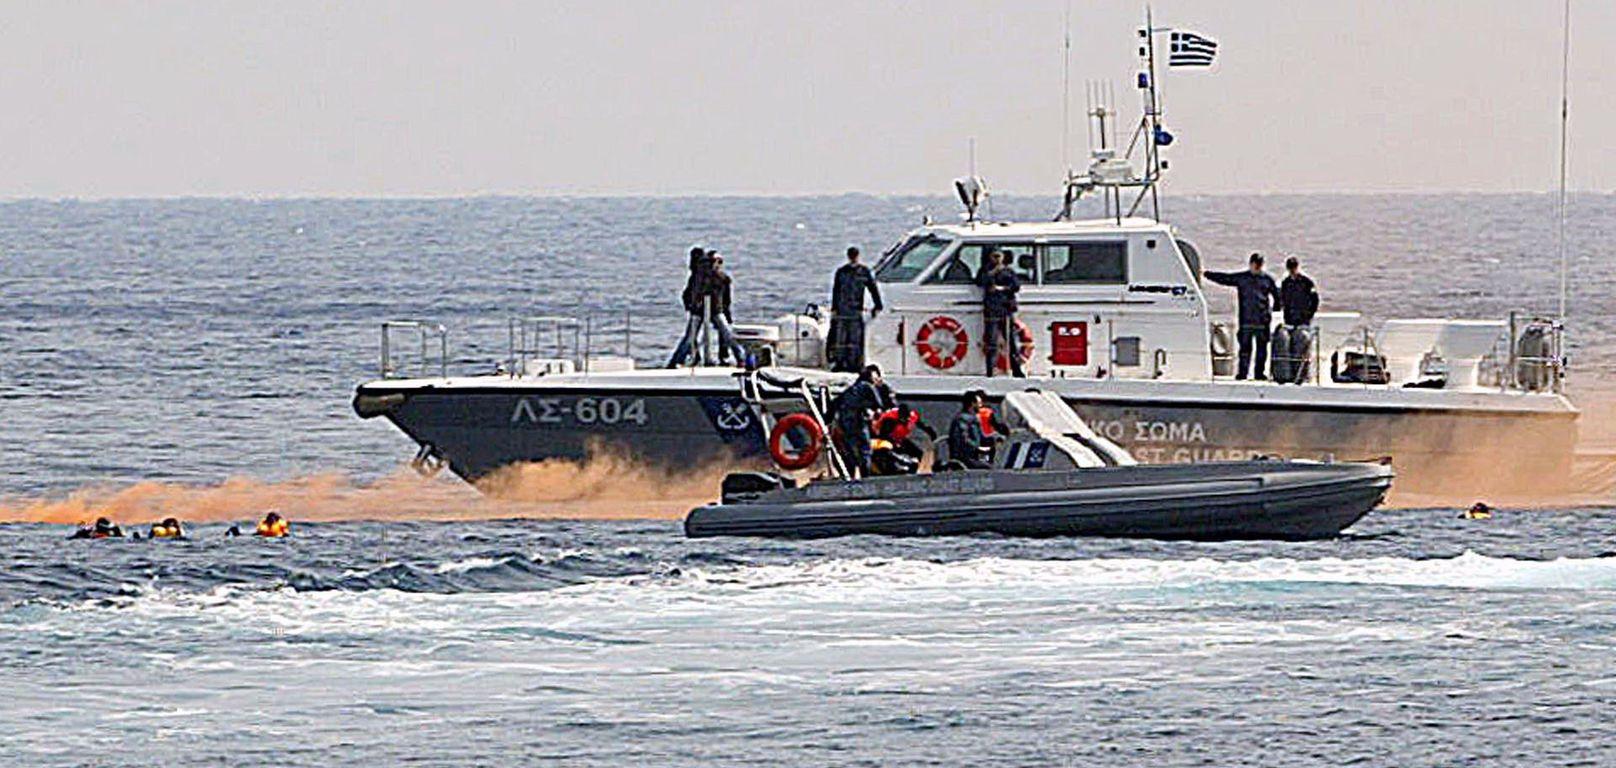 Το ΛΣ/Ελ.Ακτ έχει διττή απόστολή, τόσο την αστυνόμευση των εθνικών υδάτων της χώρας μας, όσο και των διεθνών υδάτων για συγκεκριμένα βαριά εγκλήματα.